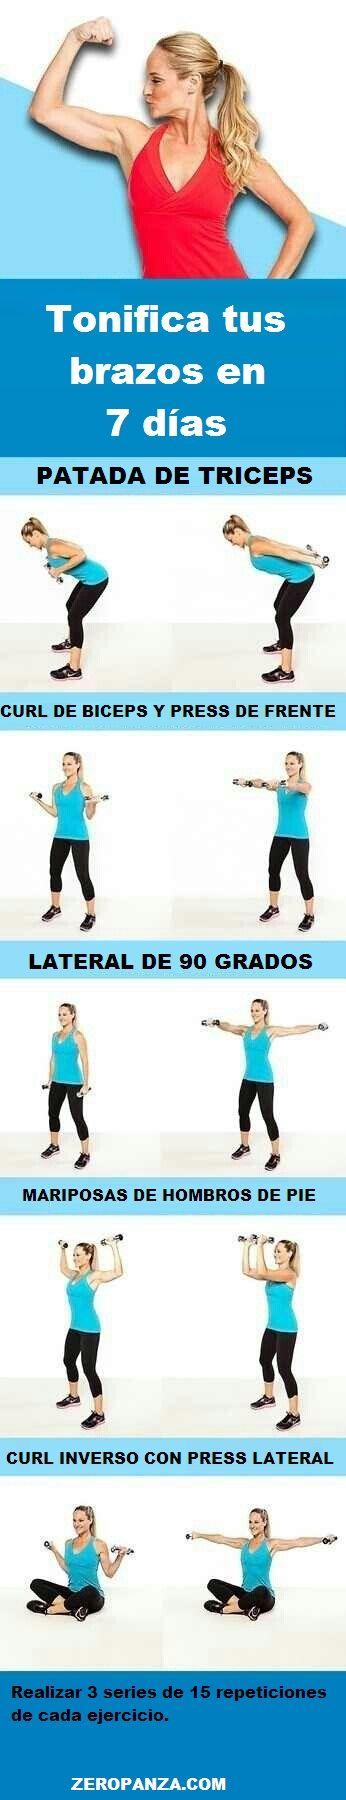 Suplementos para bajar de peso y tonificar los brazos